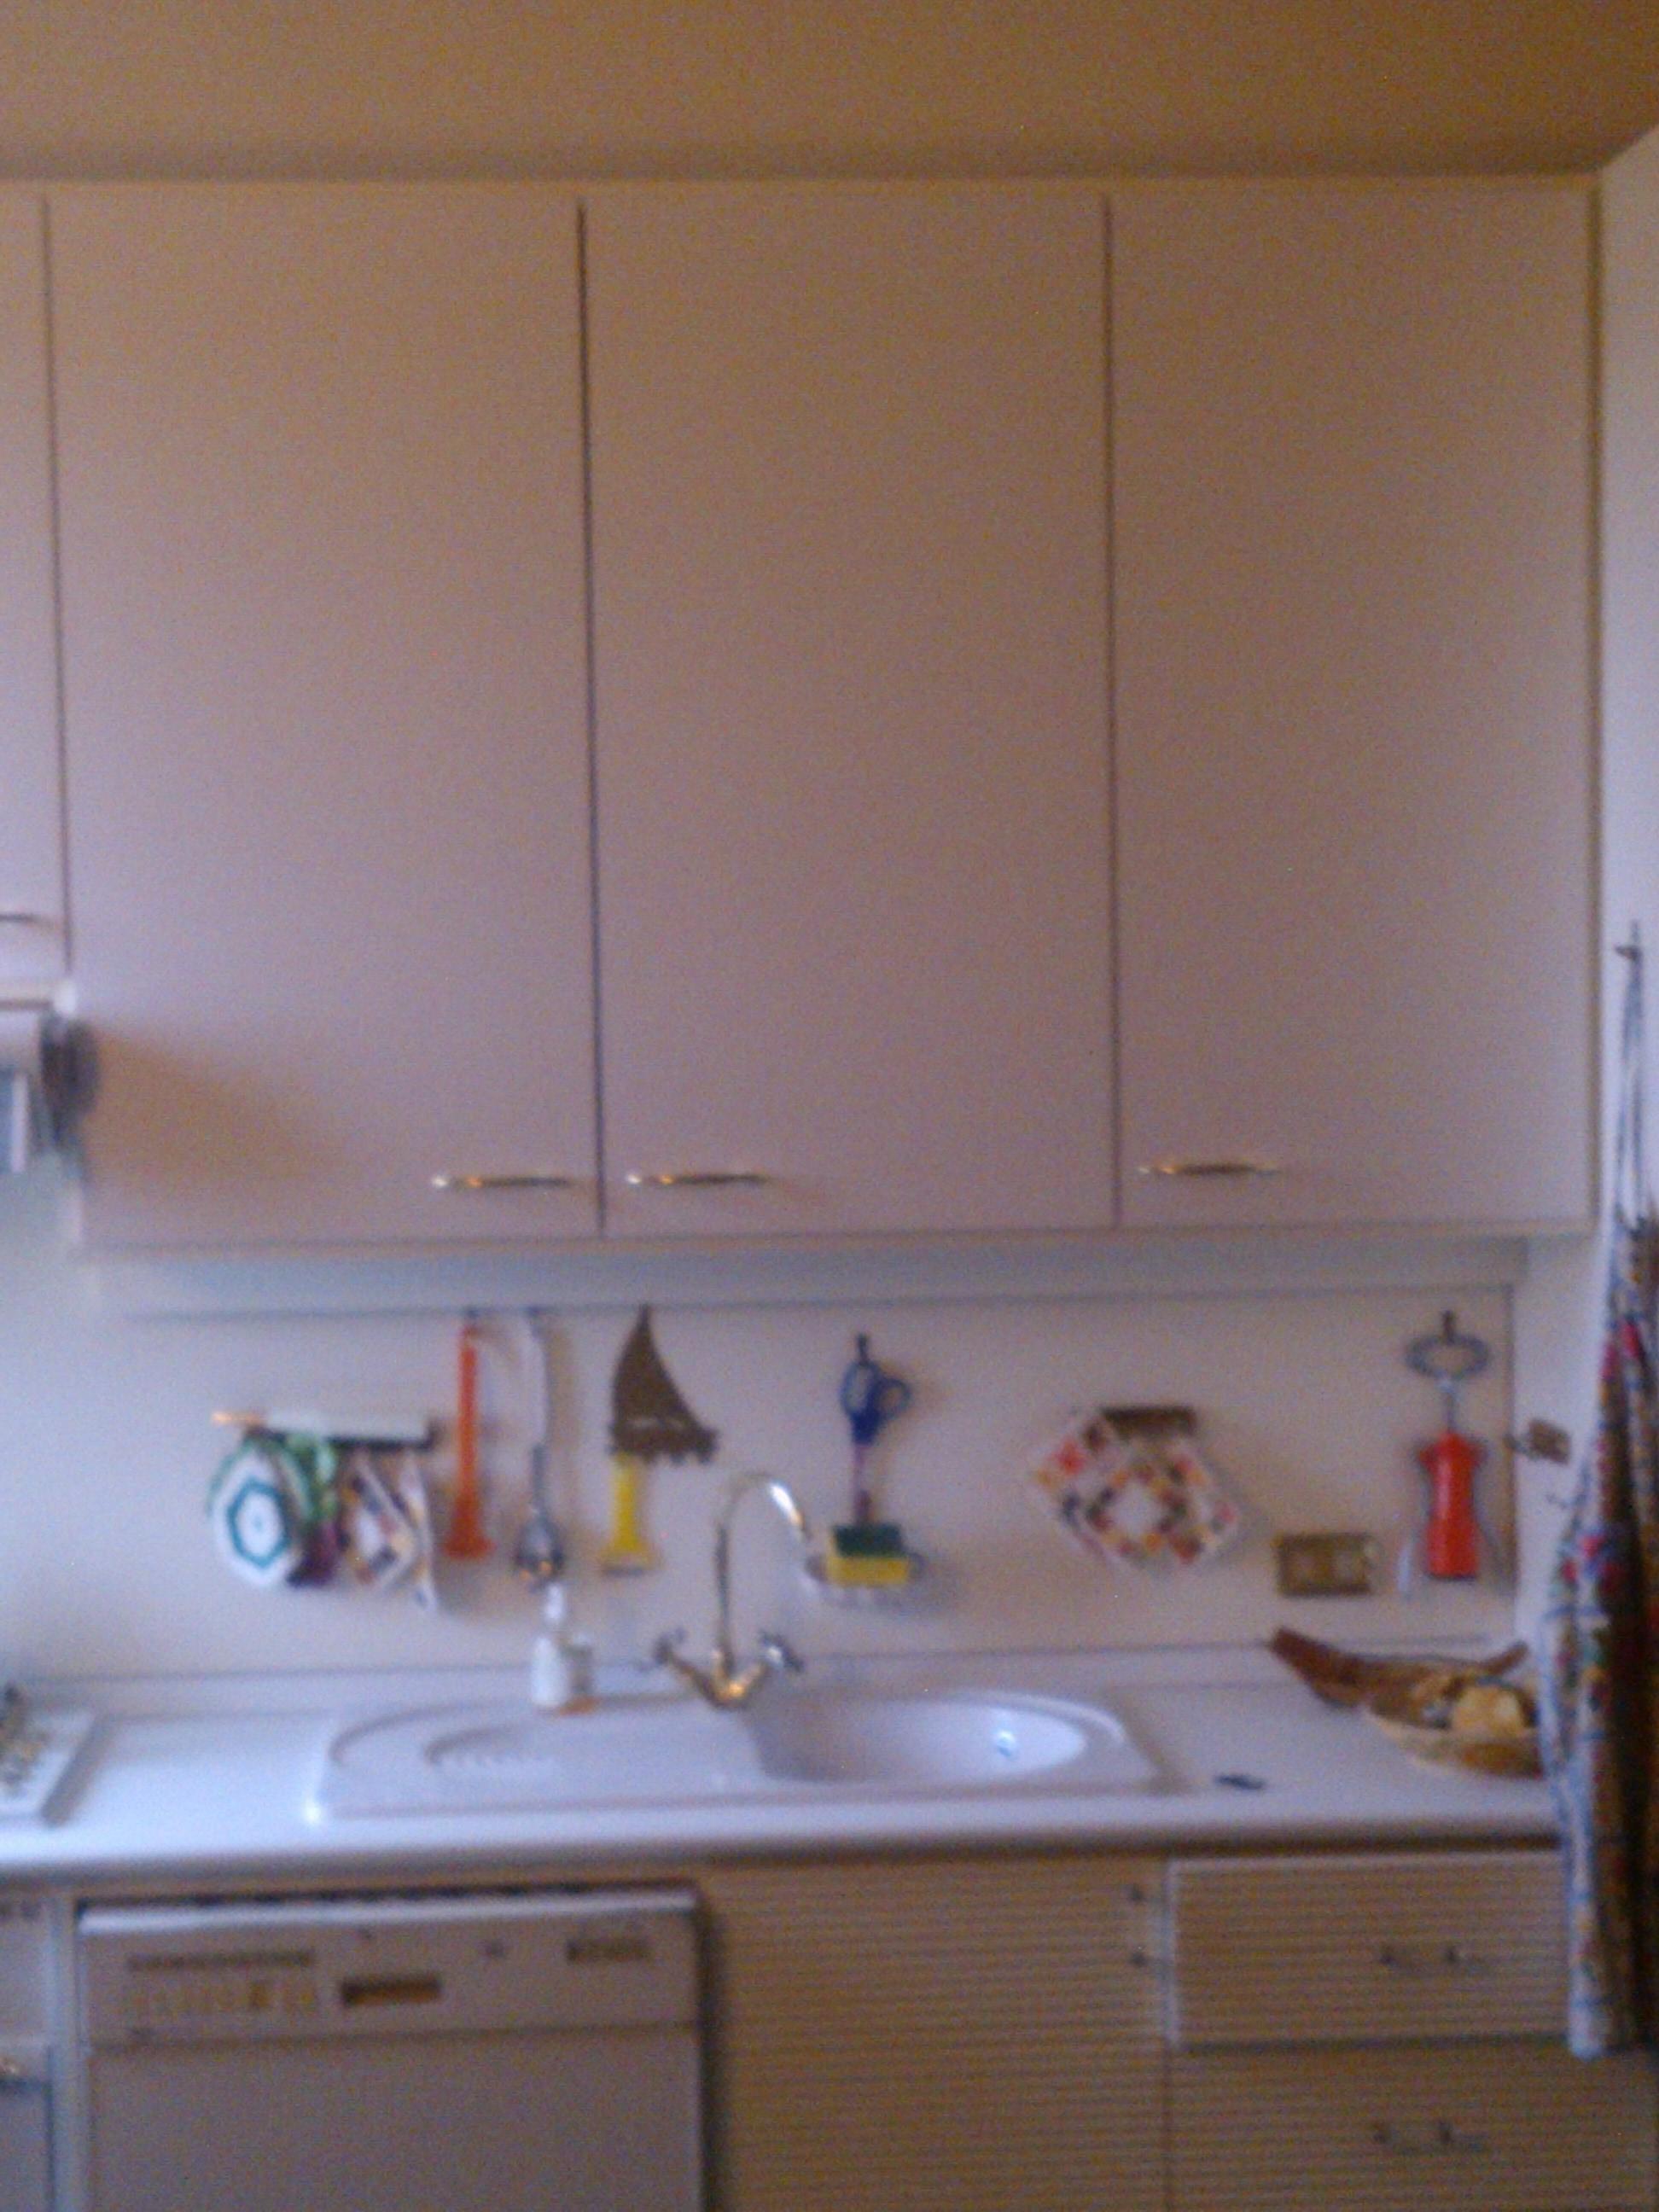 18mm Laccato Bianco ;ad Pensile Cucina.sostituzione Top Con Alzatina #3B4E90 1944 2592 Piano Di Lavoro Cucina Brico